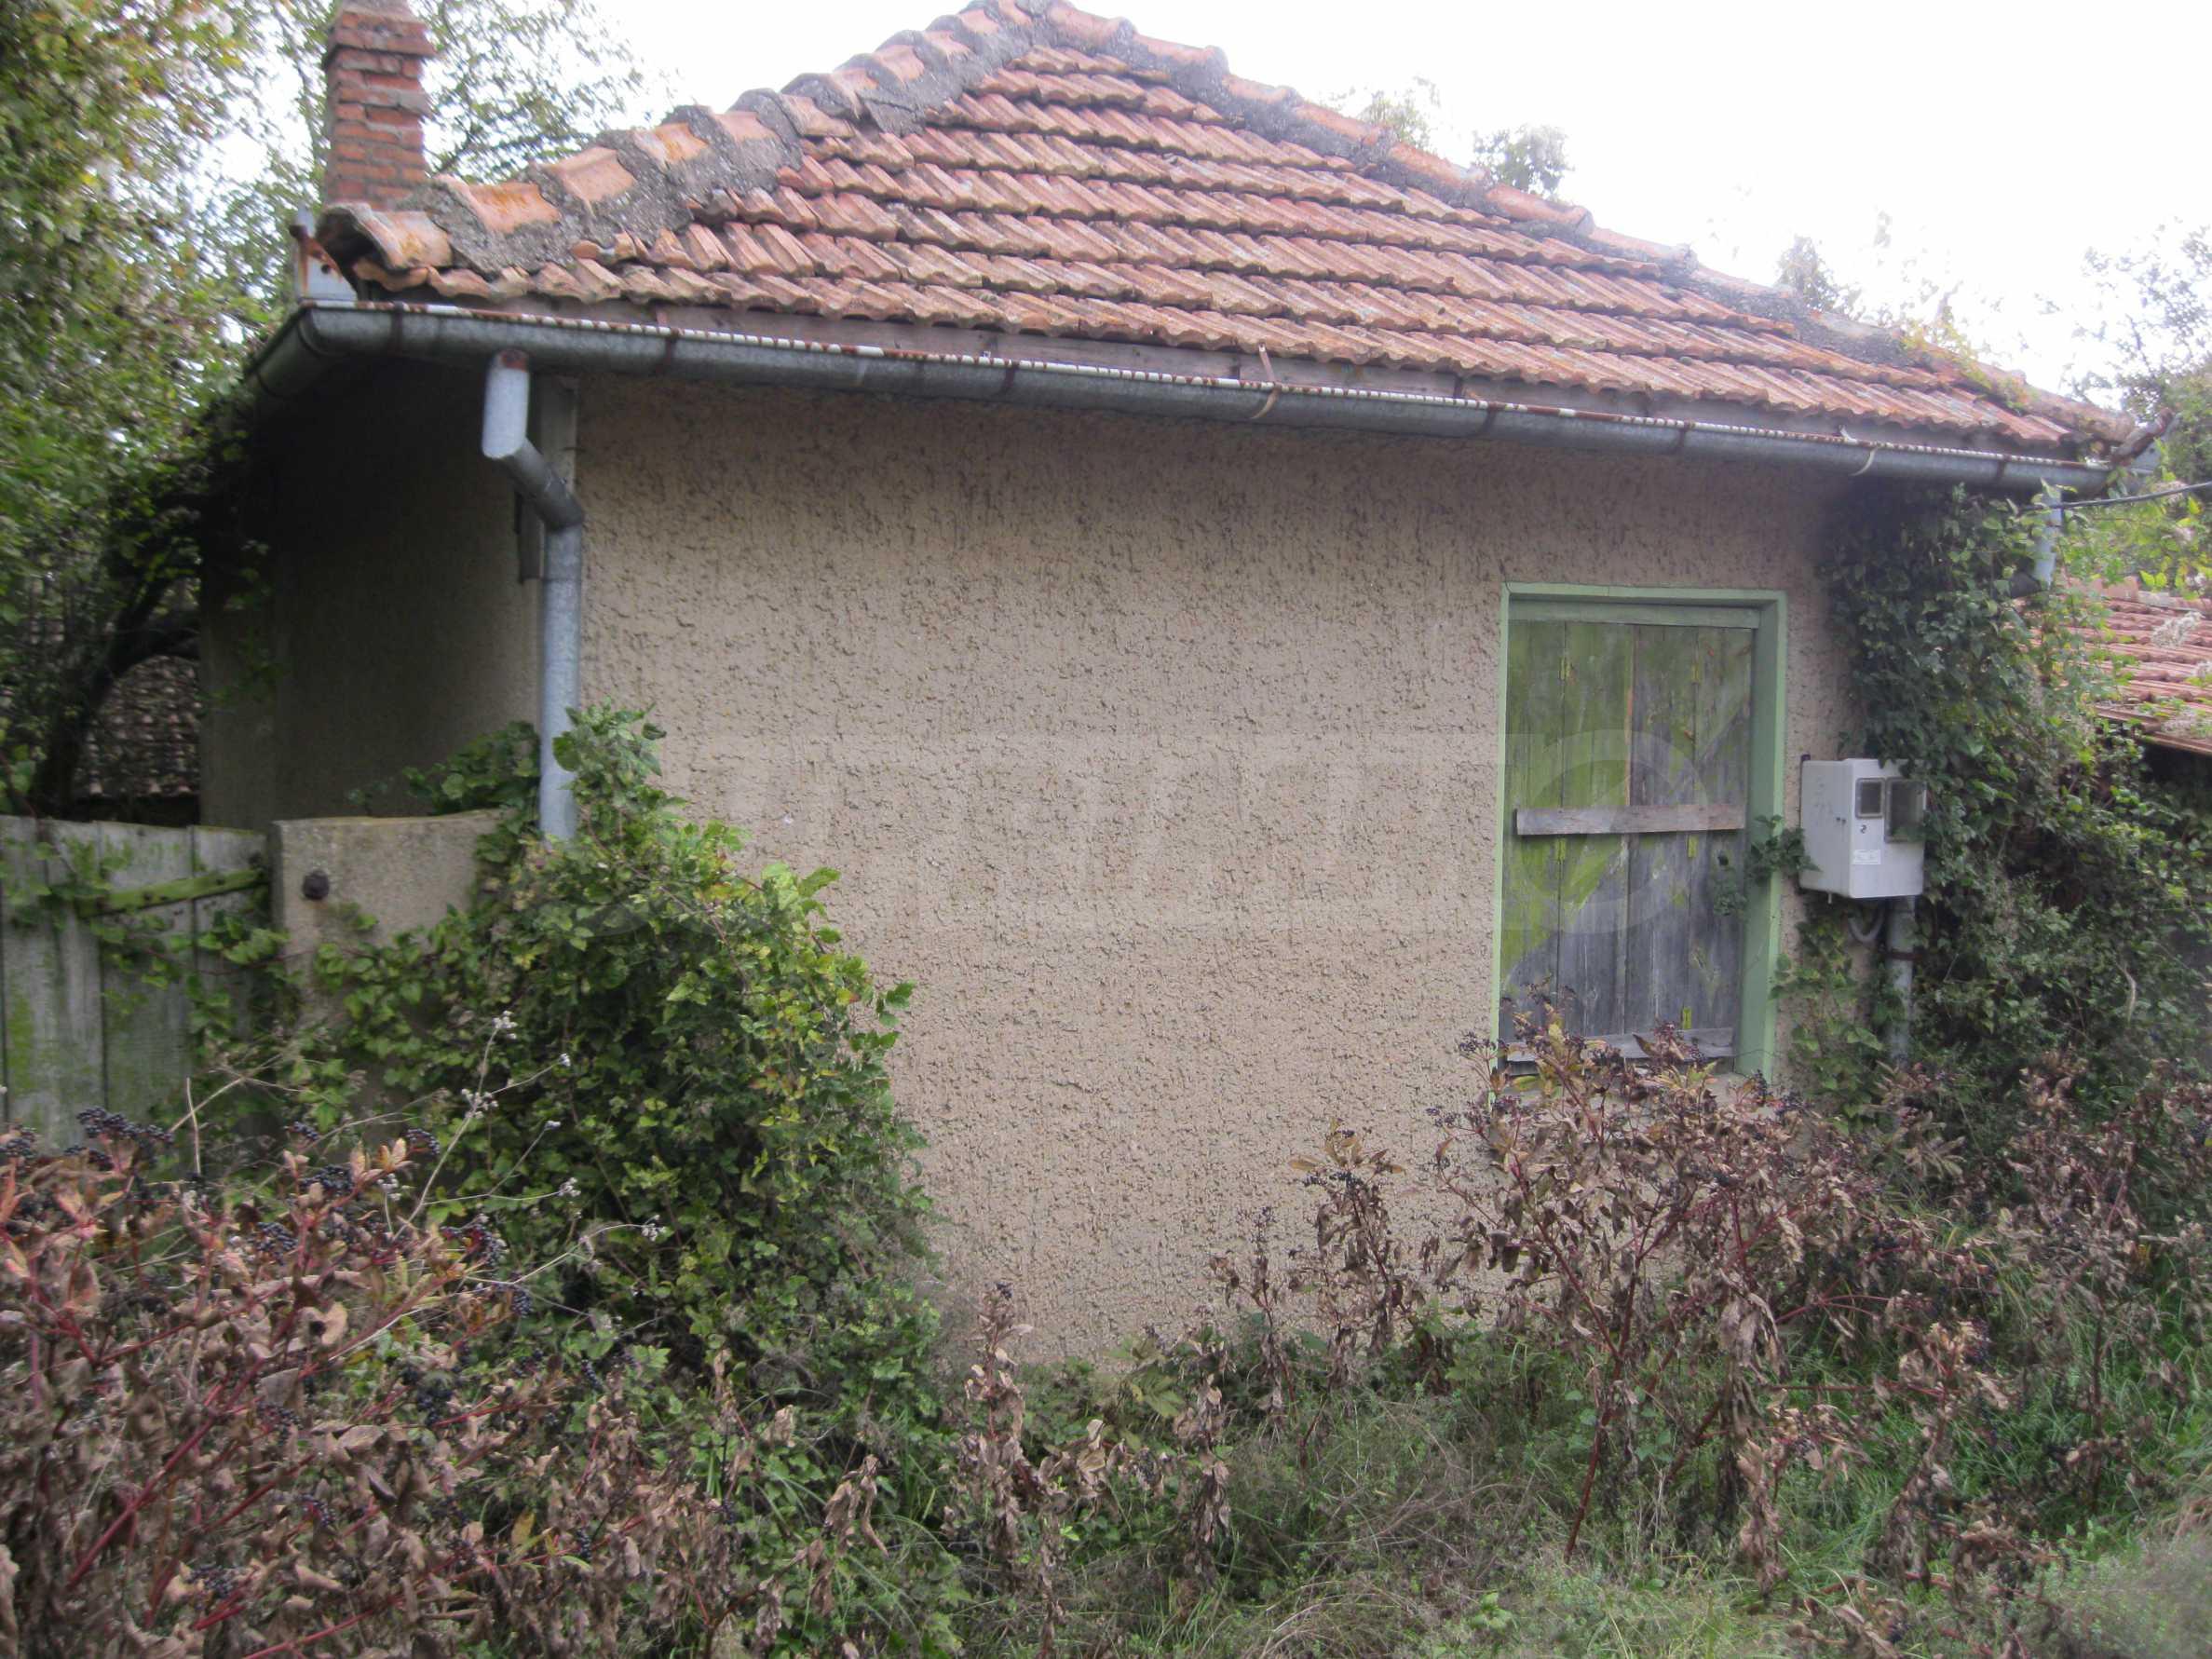 Backsteinhaus in einem Dorf, nur 100 Meter von der Hauptstraße entfernt 3